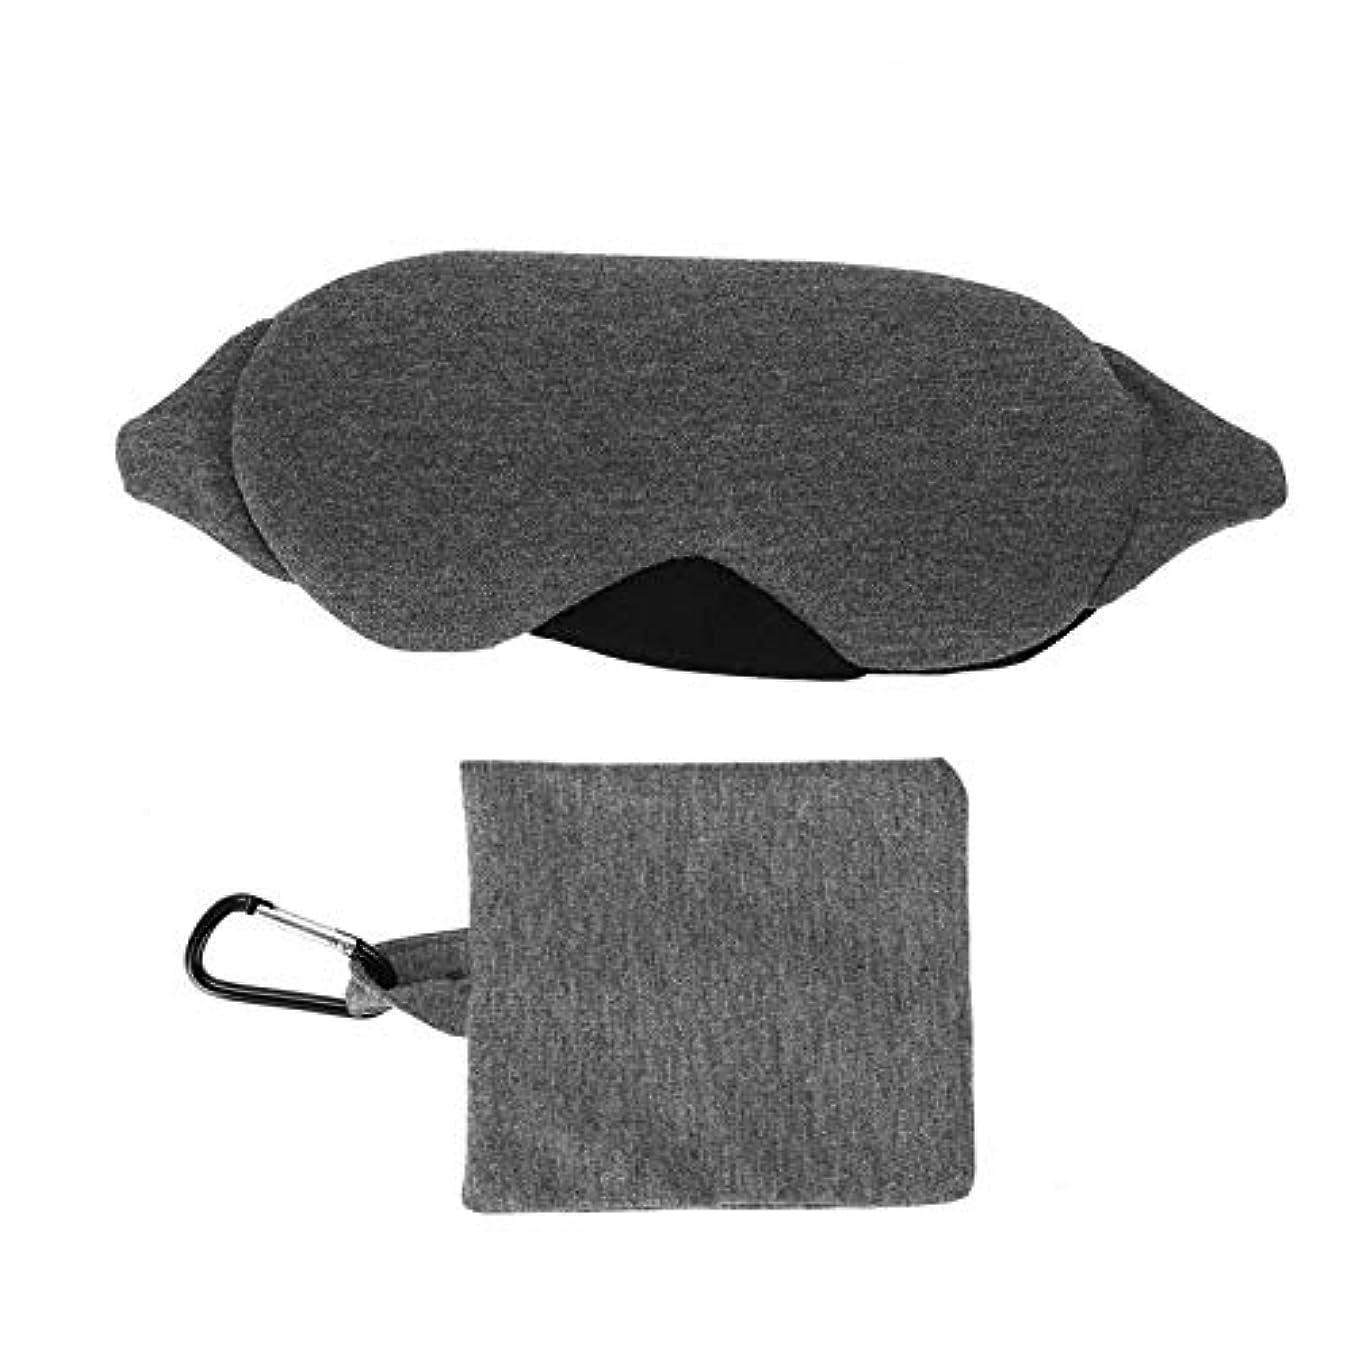 歴史家提供するジャンクNOTE 調節可能な睡眠マスク通気性アイシェードカバー睡眠目隠しアイパッチ旅行ツール